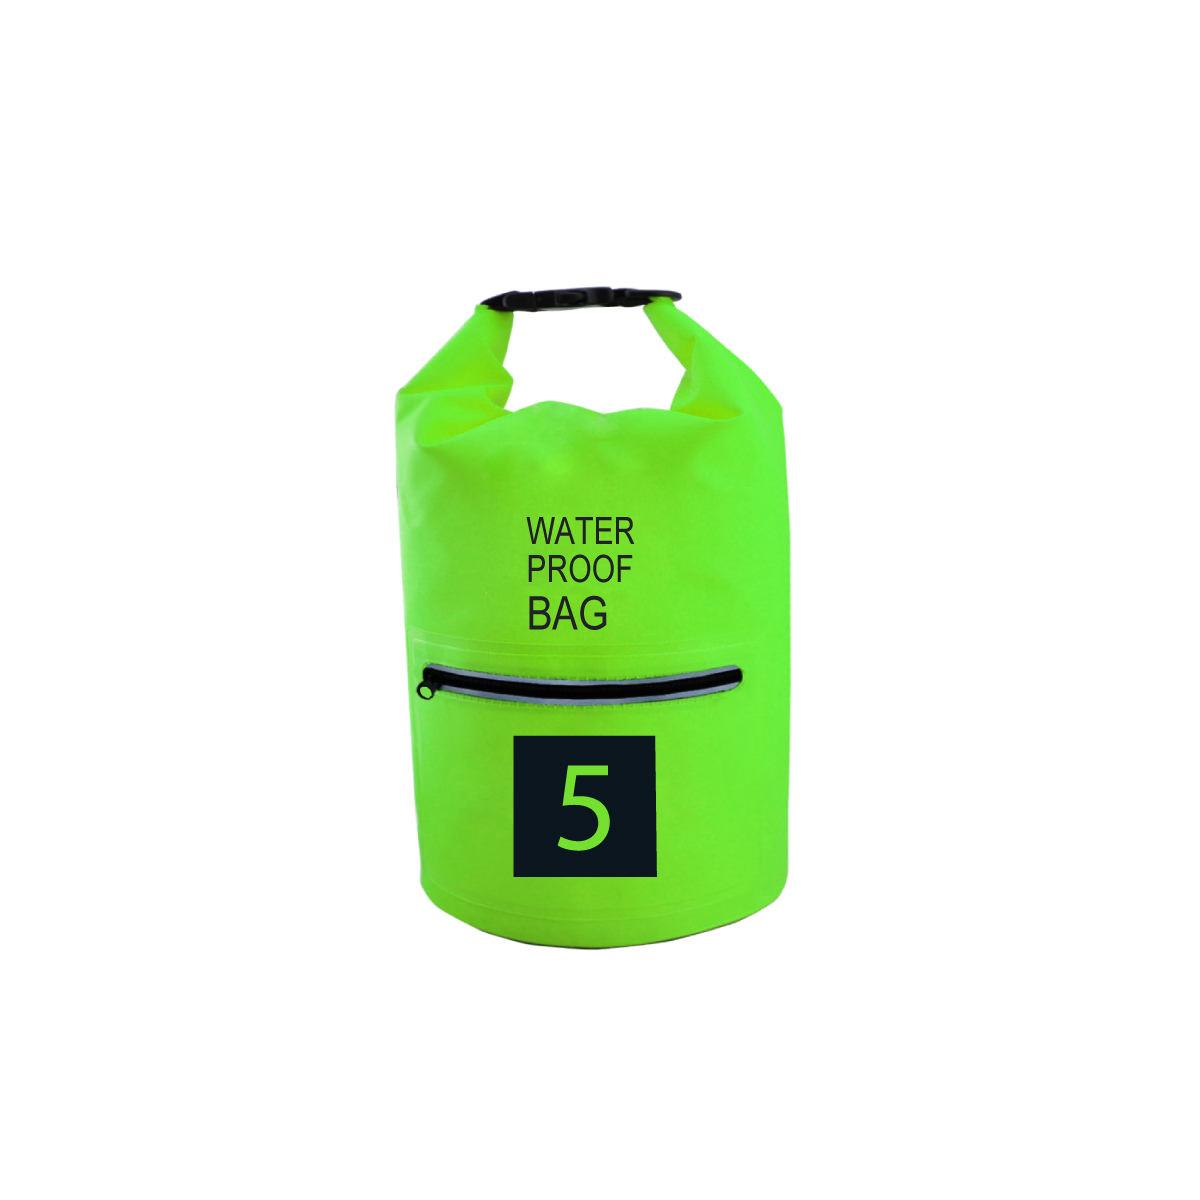 תיק אטום למים - ספורטי 5 ליטר